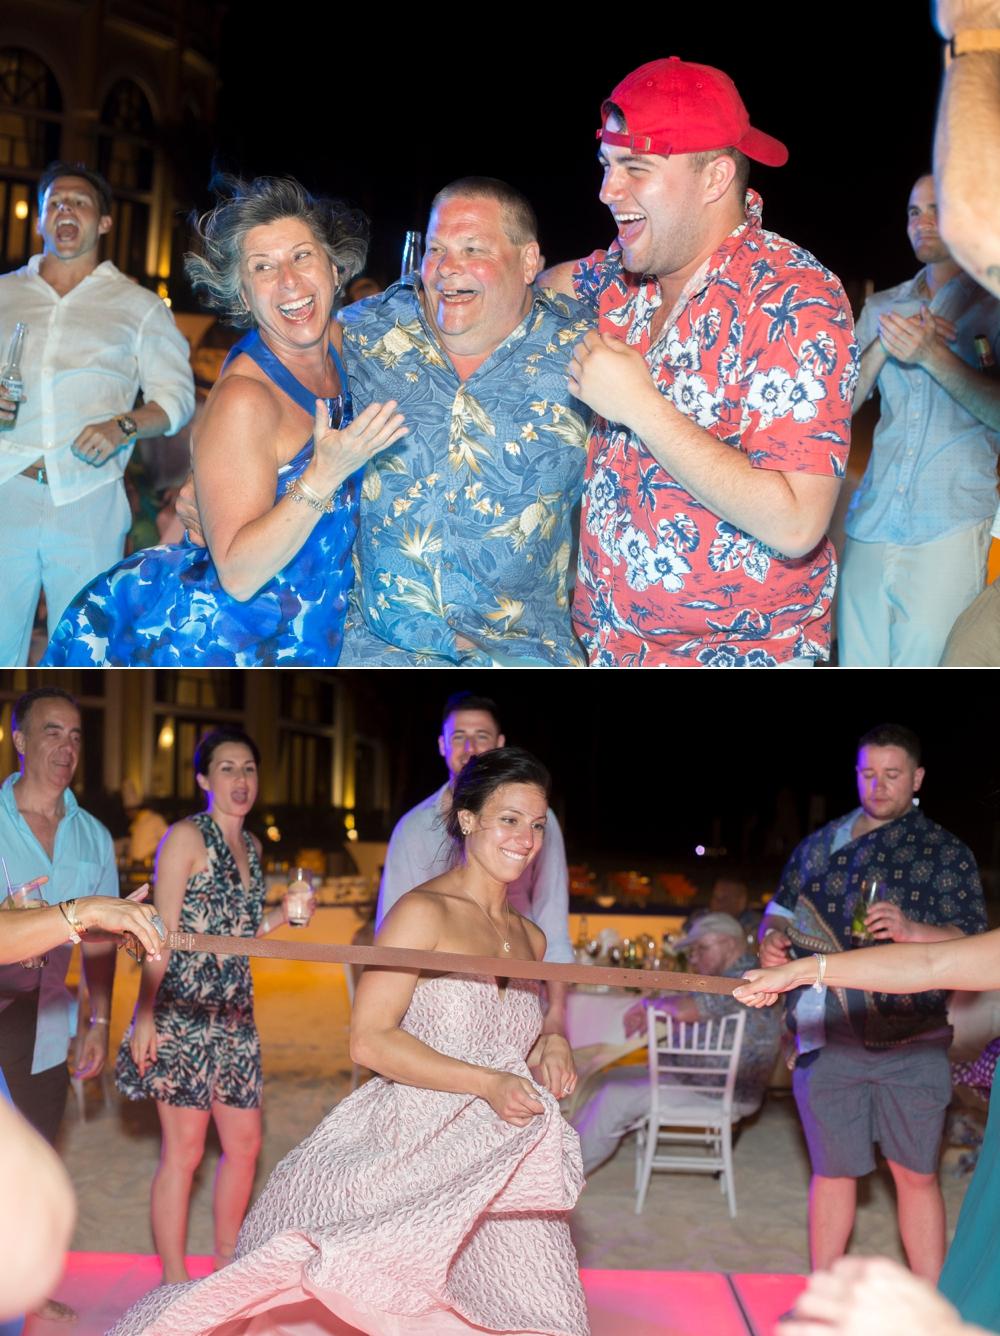 SomerbyJonesPhotography_IberostarGrandHotelParaiso_Mexico_Wedding_0048.jpg